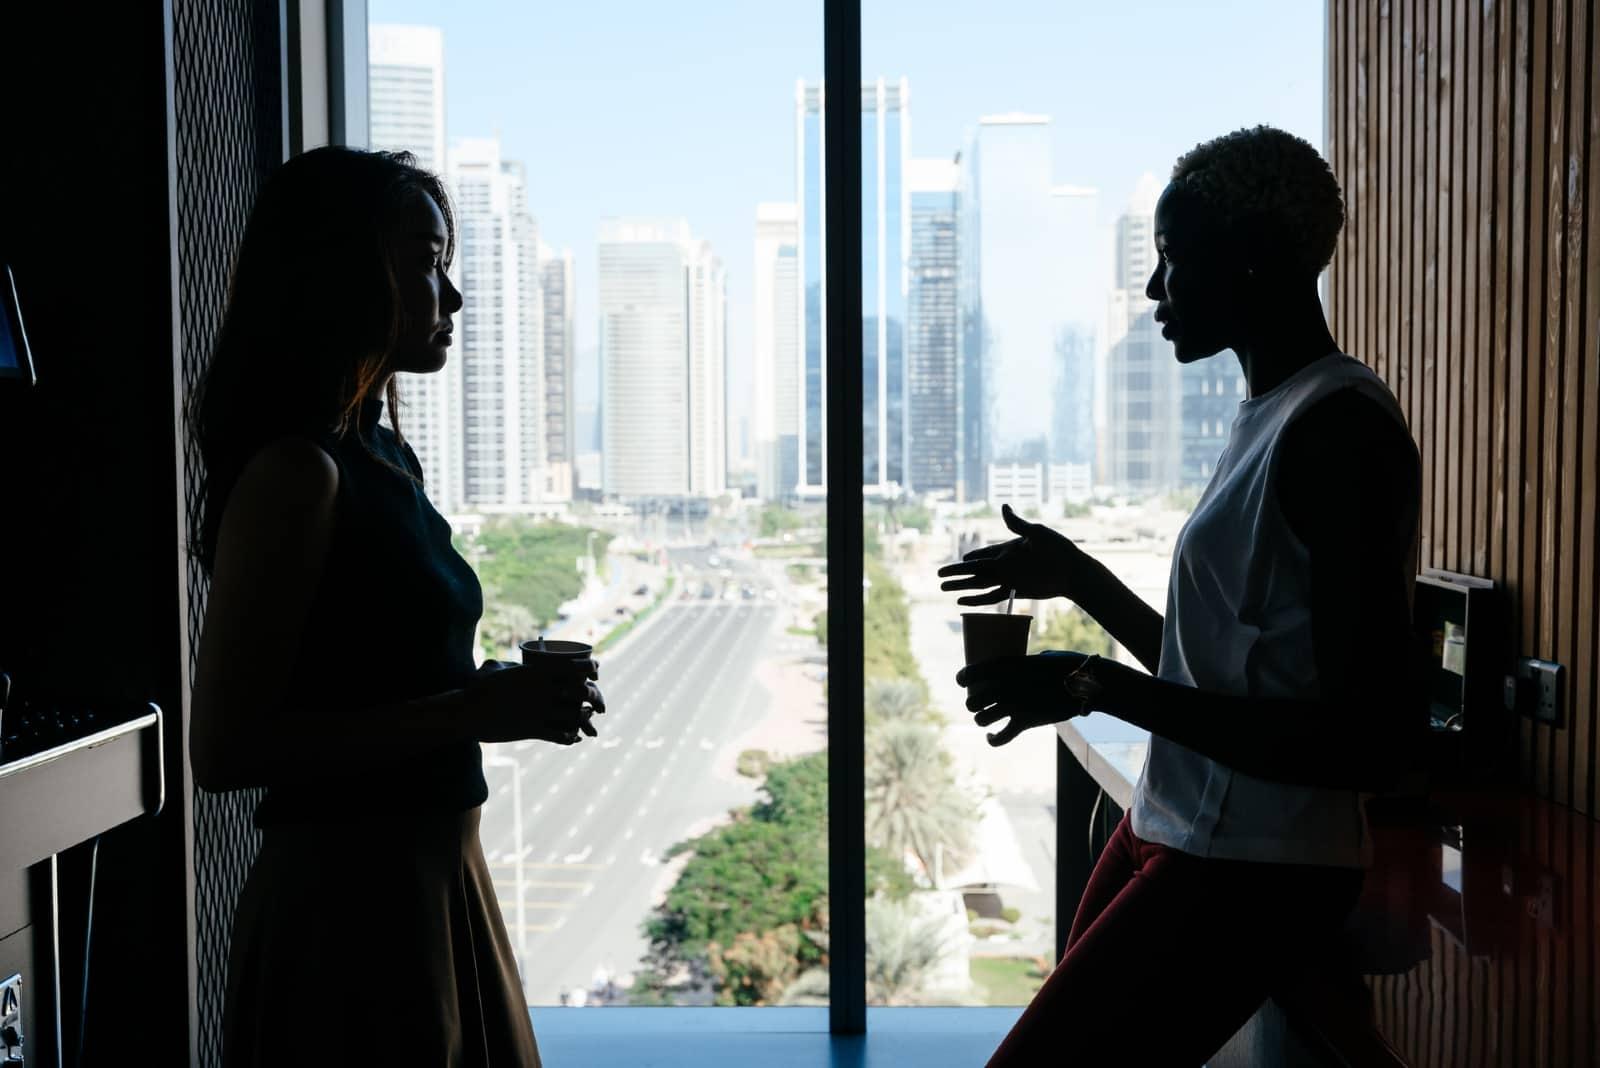 deux femmes prenant un café en se tenant près d'une fenêtre